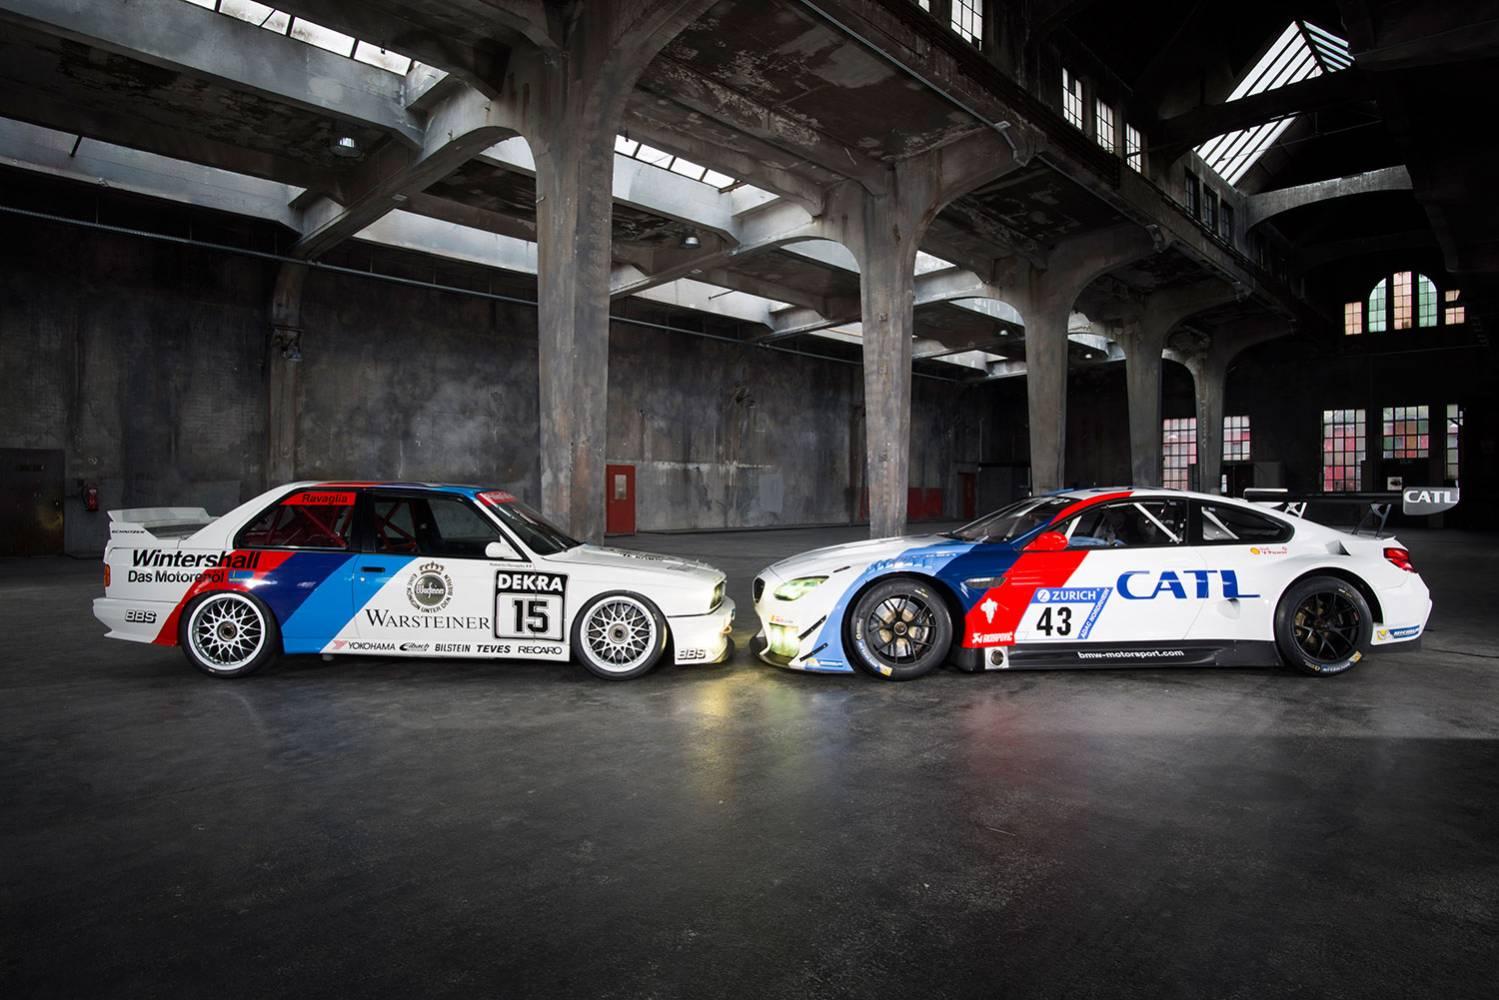 N24h Schnitzer Bmw M6 Gt3 Im Historischen Design Addicted To Motorsport